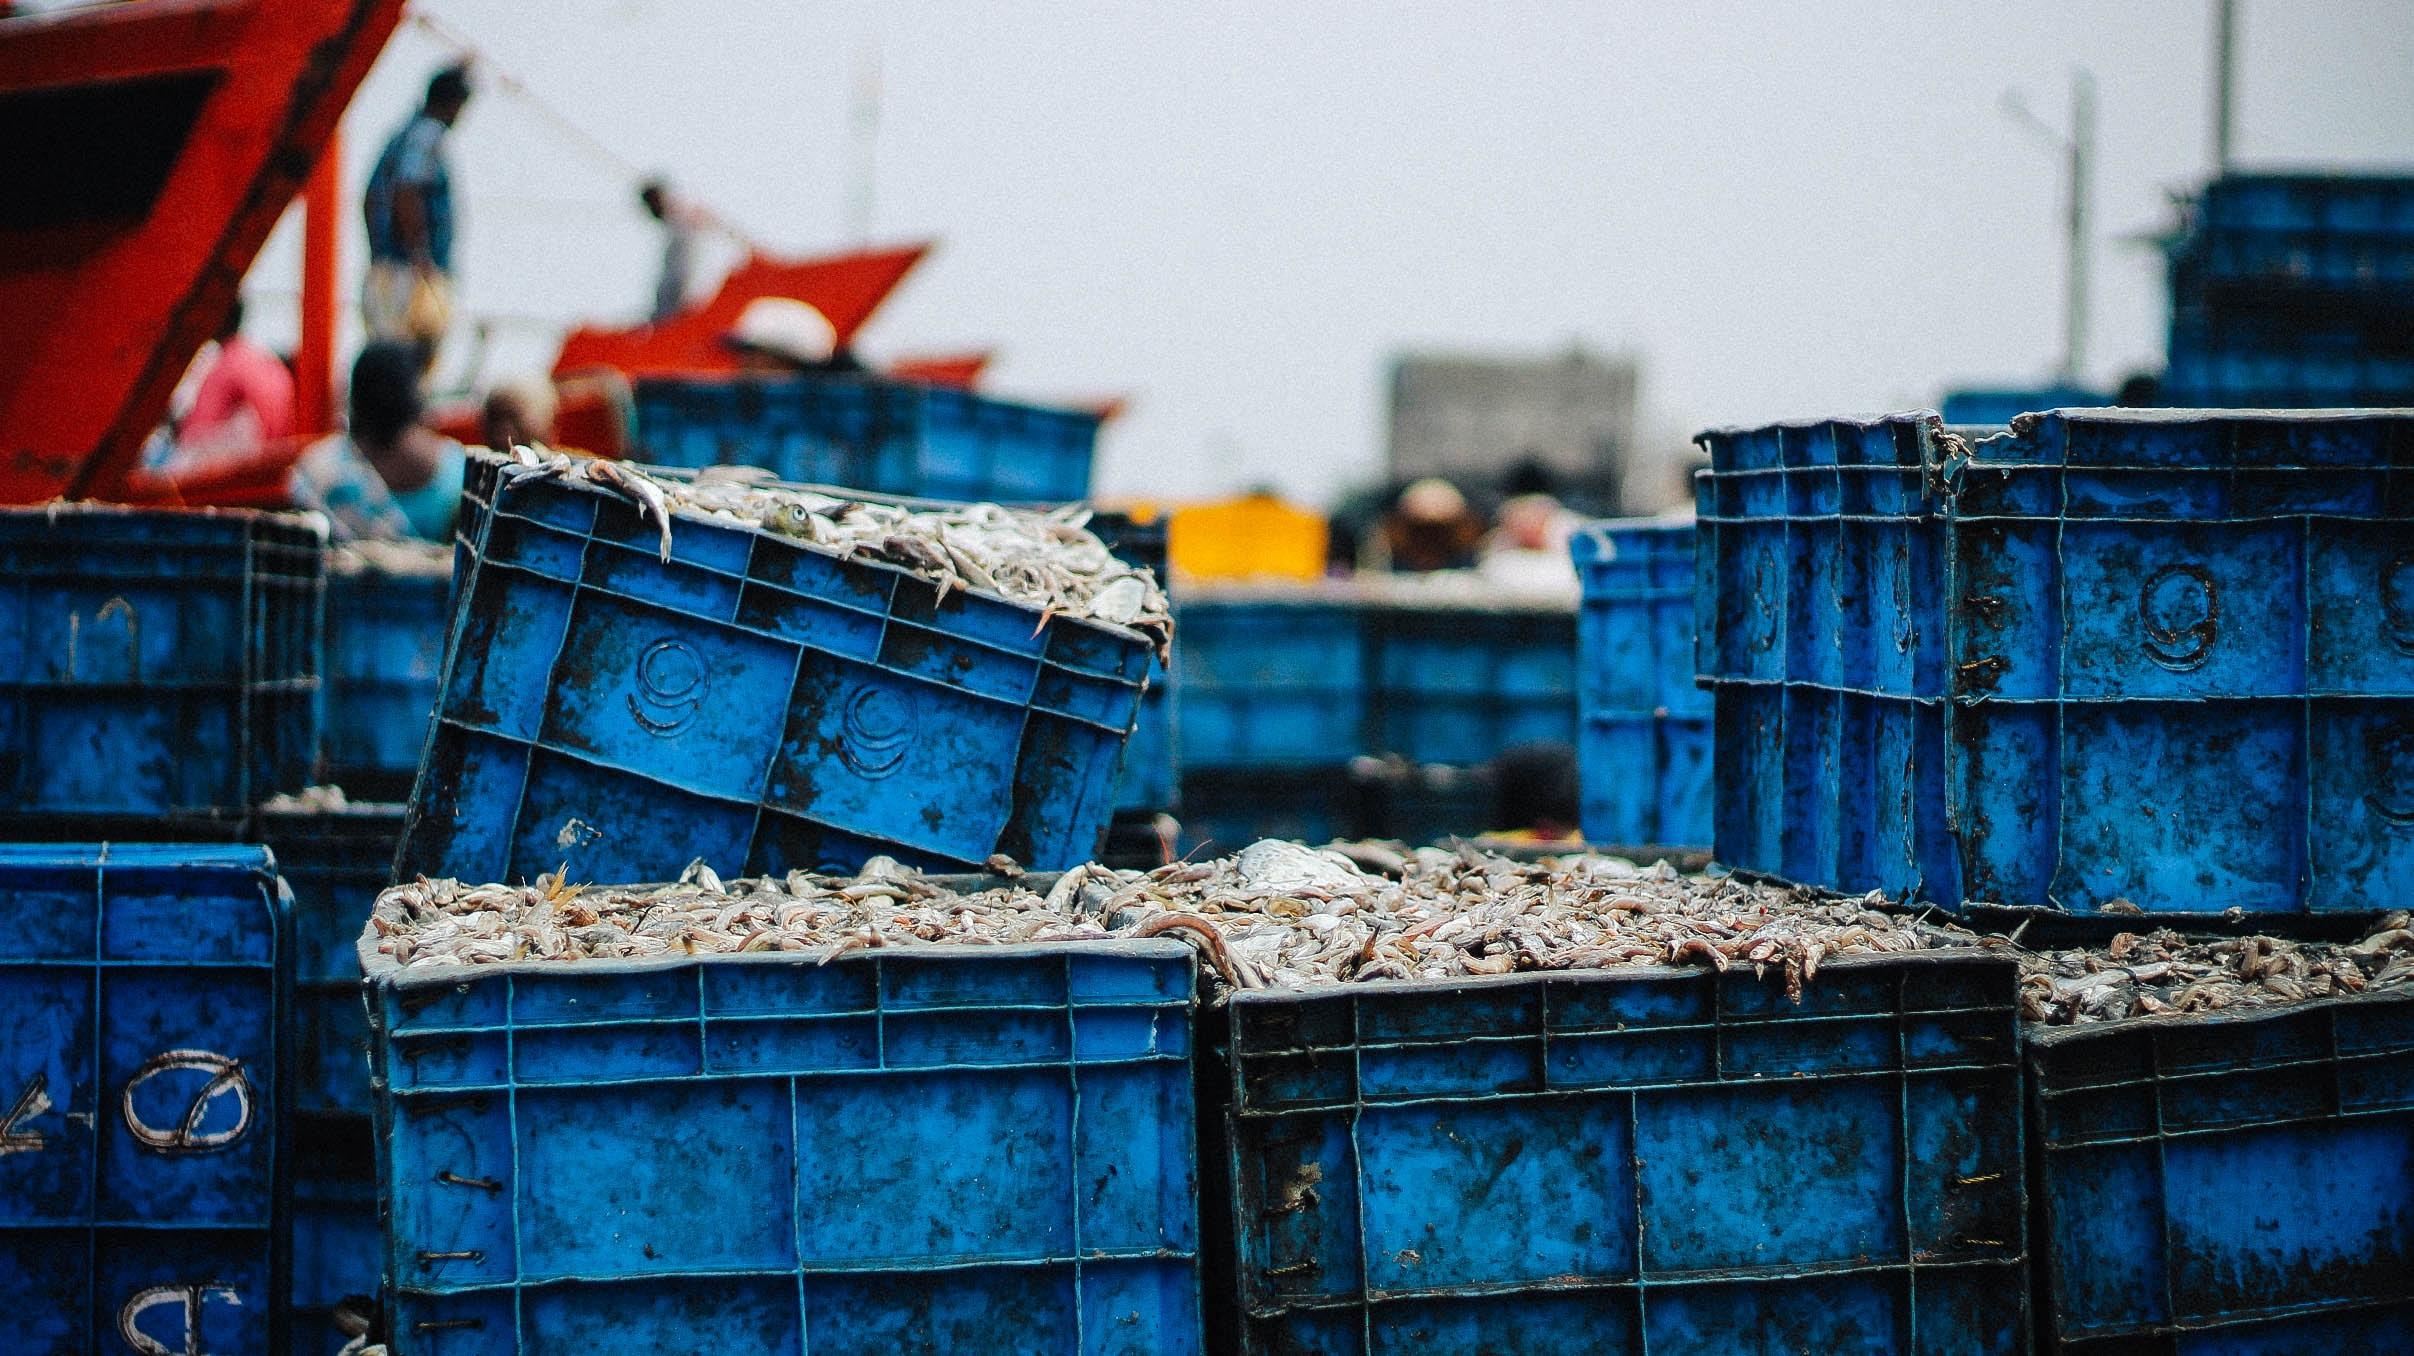 Shrimps in blue crates at a fish market